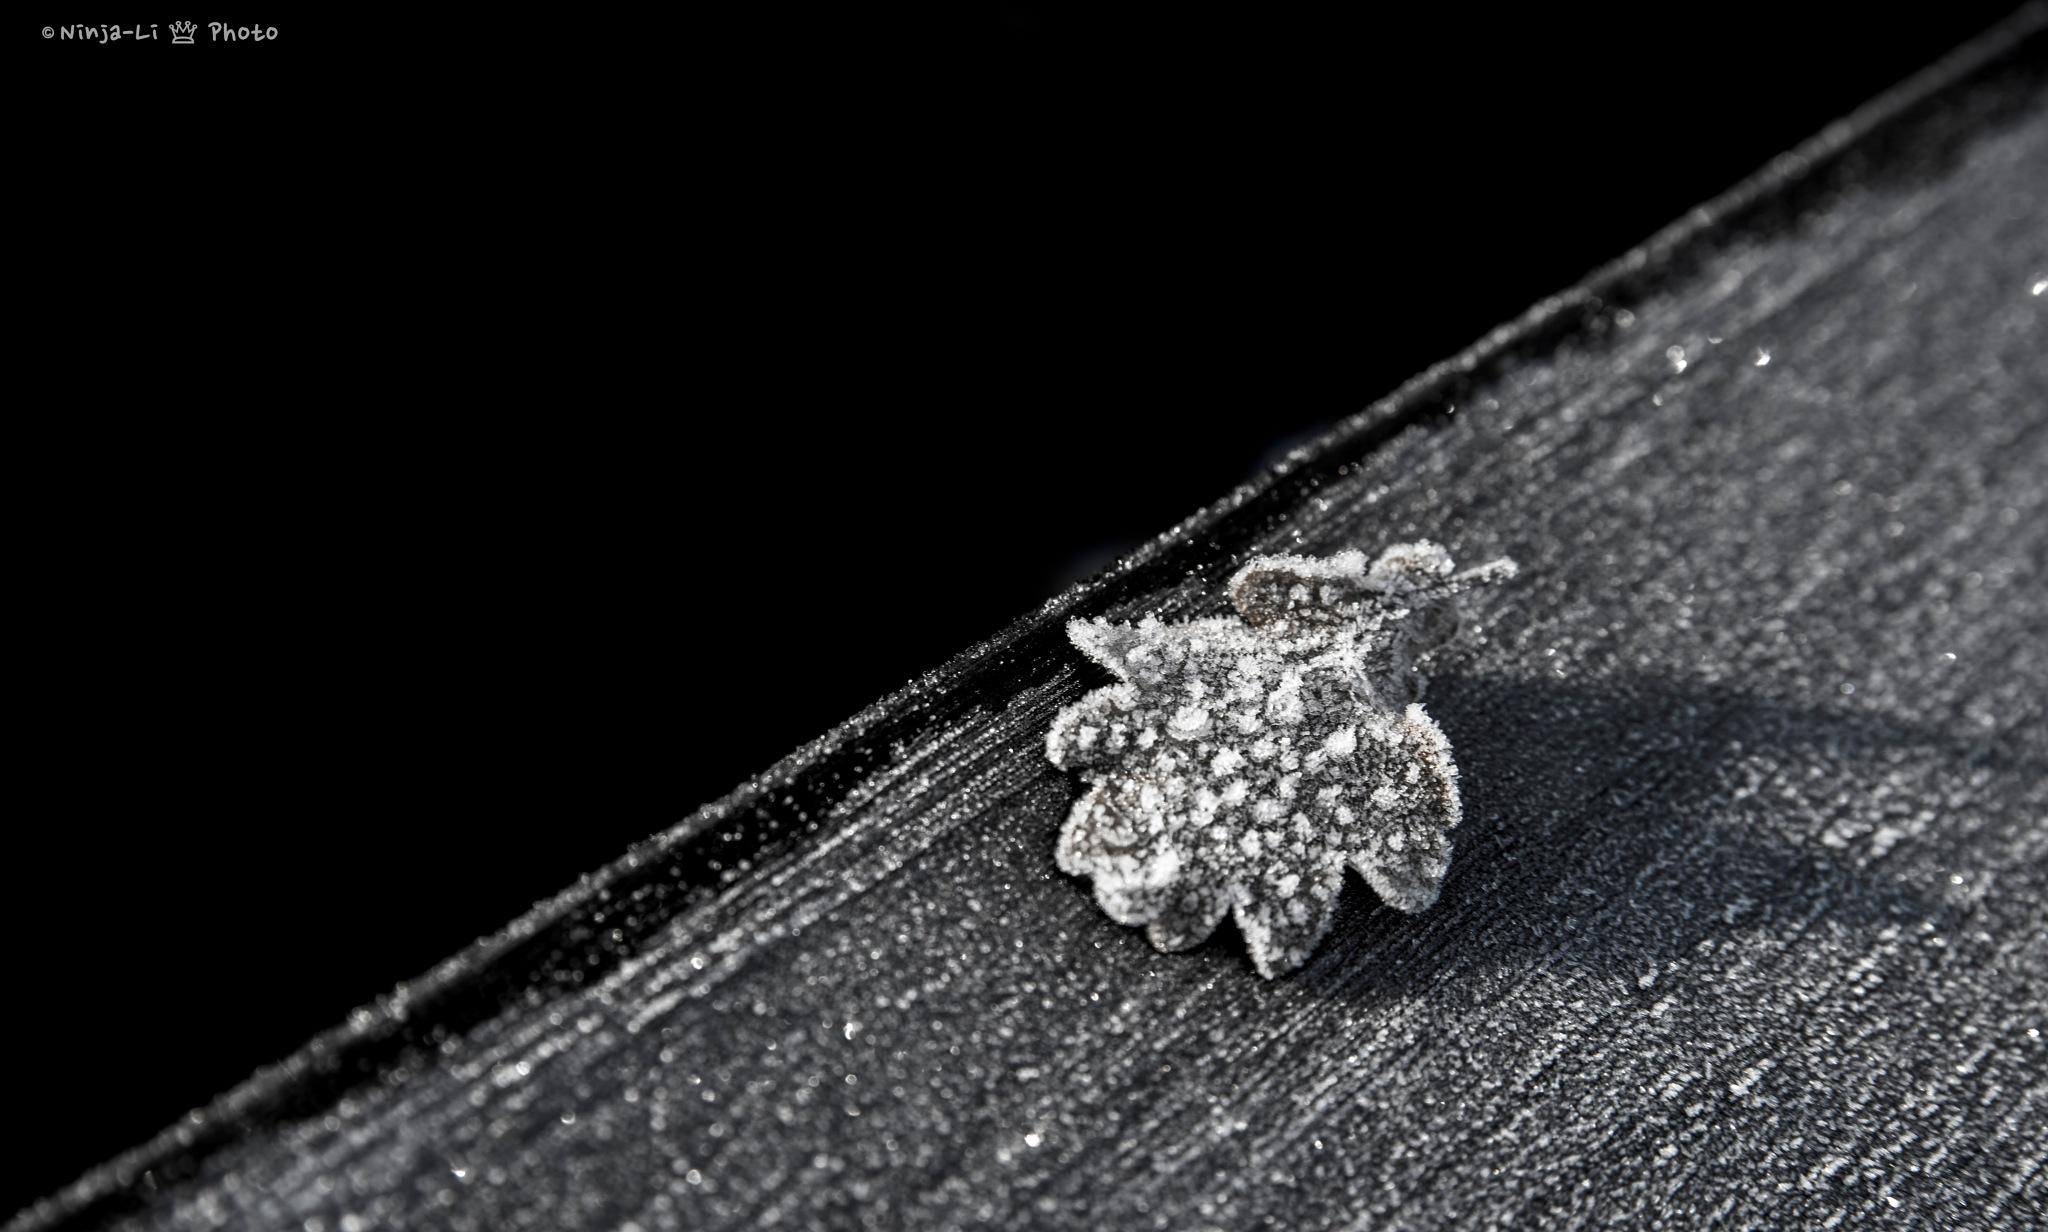 Leaf by Ninja-Li Einarsen Stahre